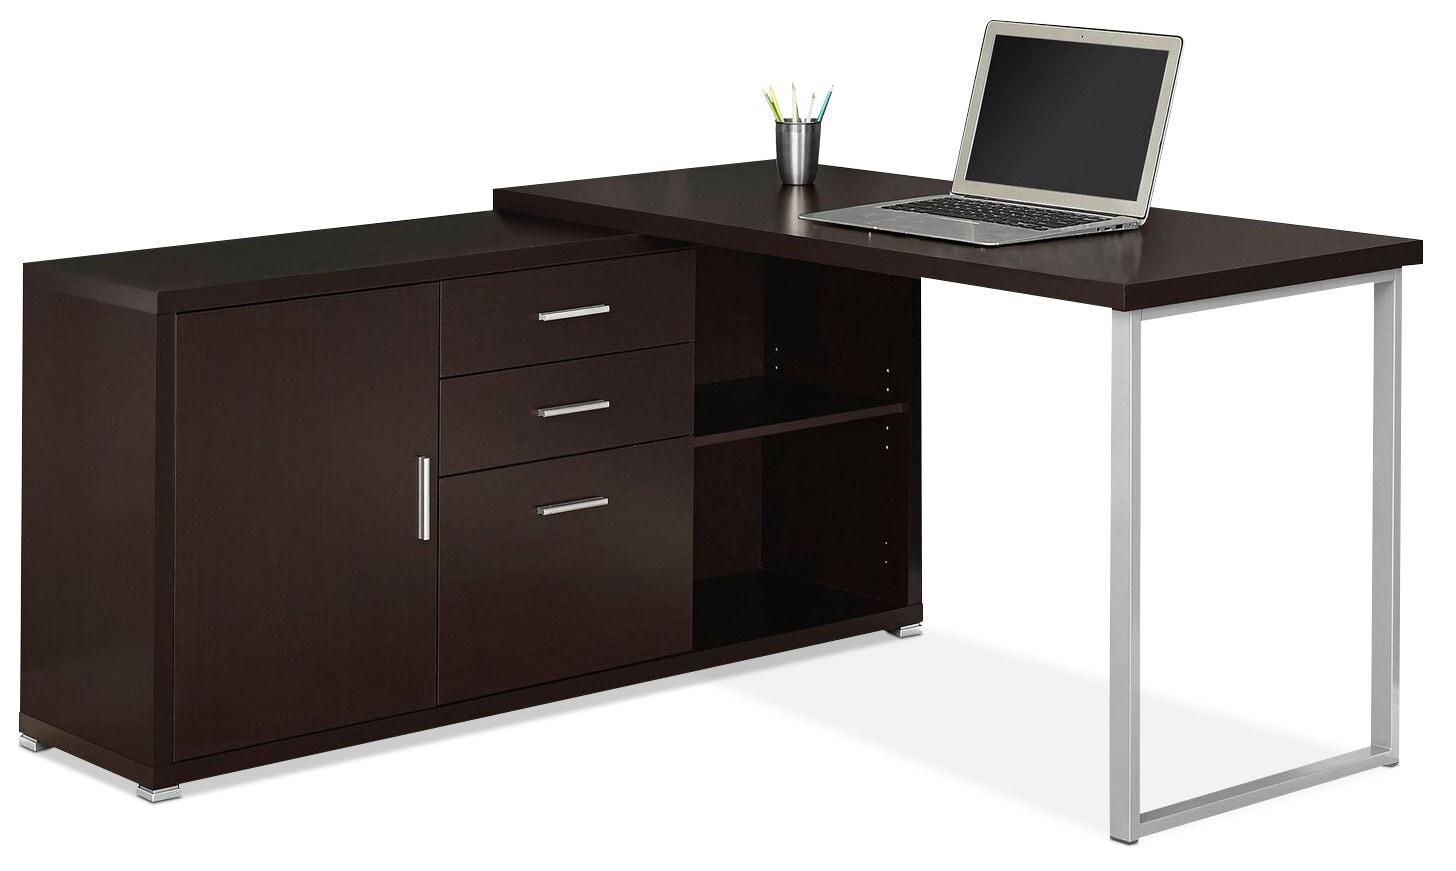 Home Office Furniture - Branson Corner Desk - Cappuccino